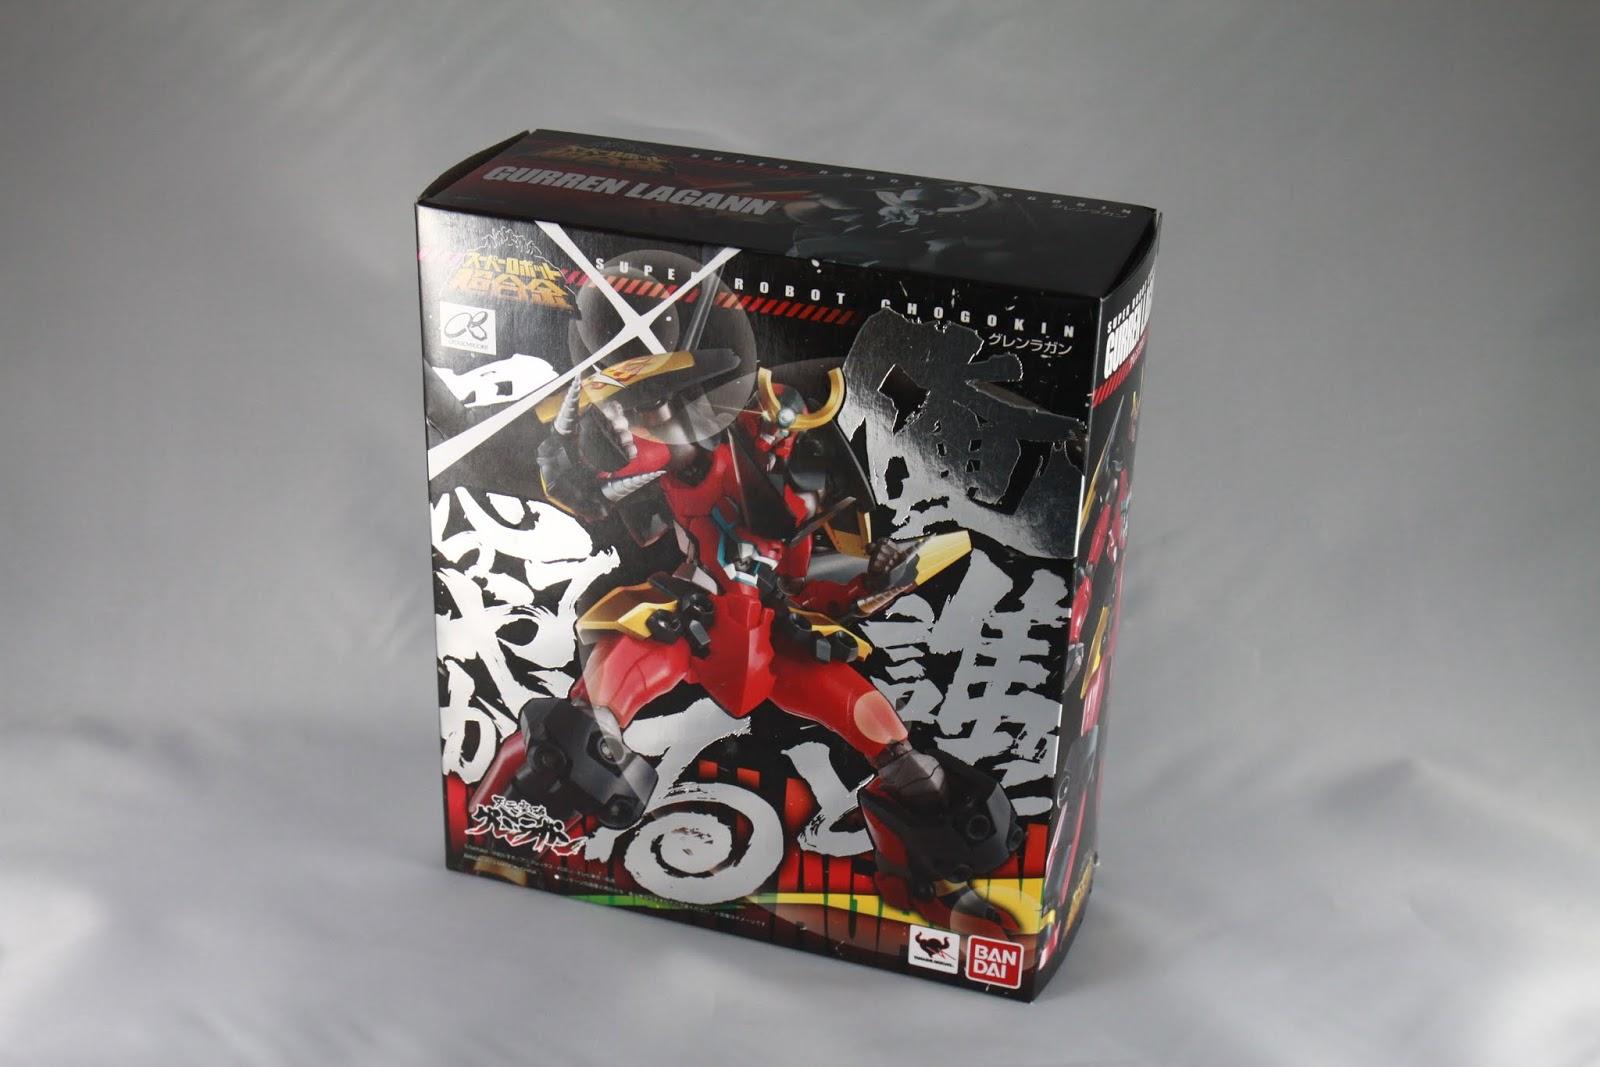 這系列的盒面 都在帶有原著的風格下 卻又有自己產品線的風格